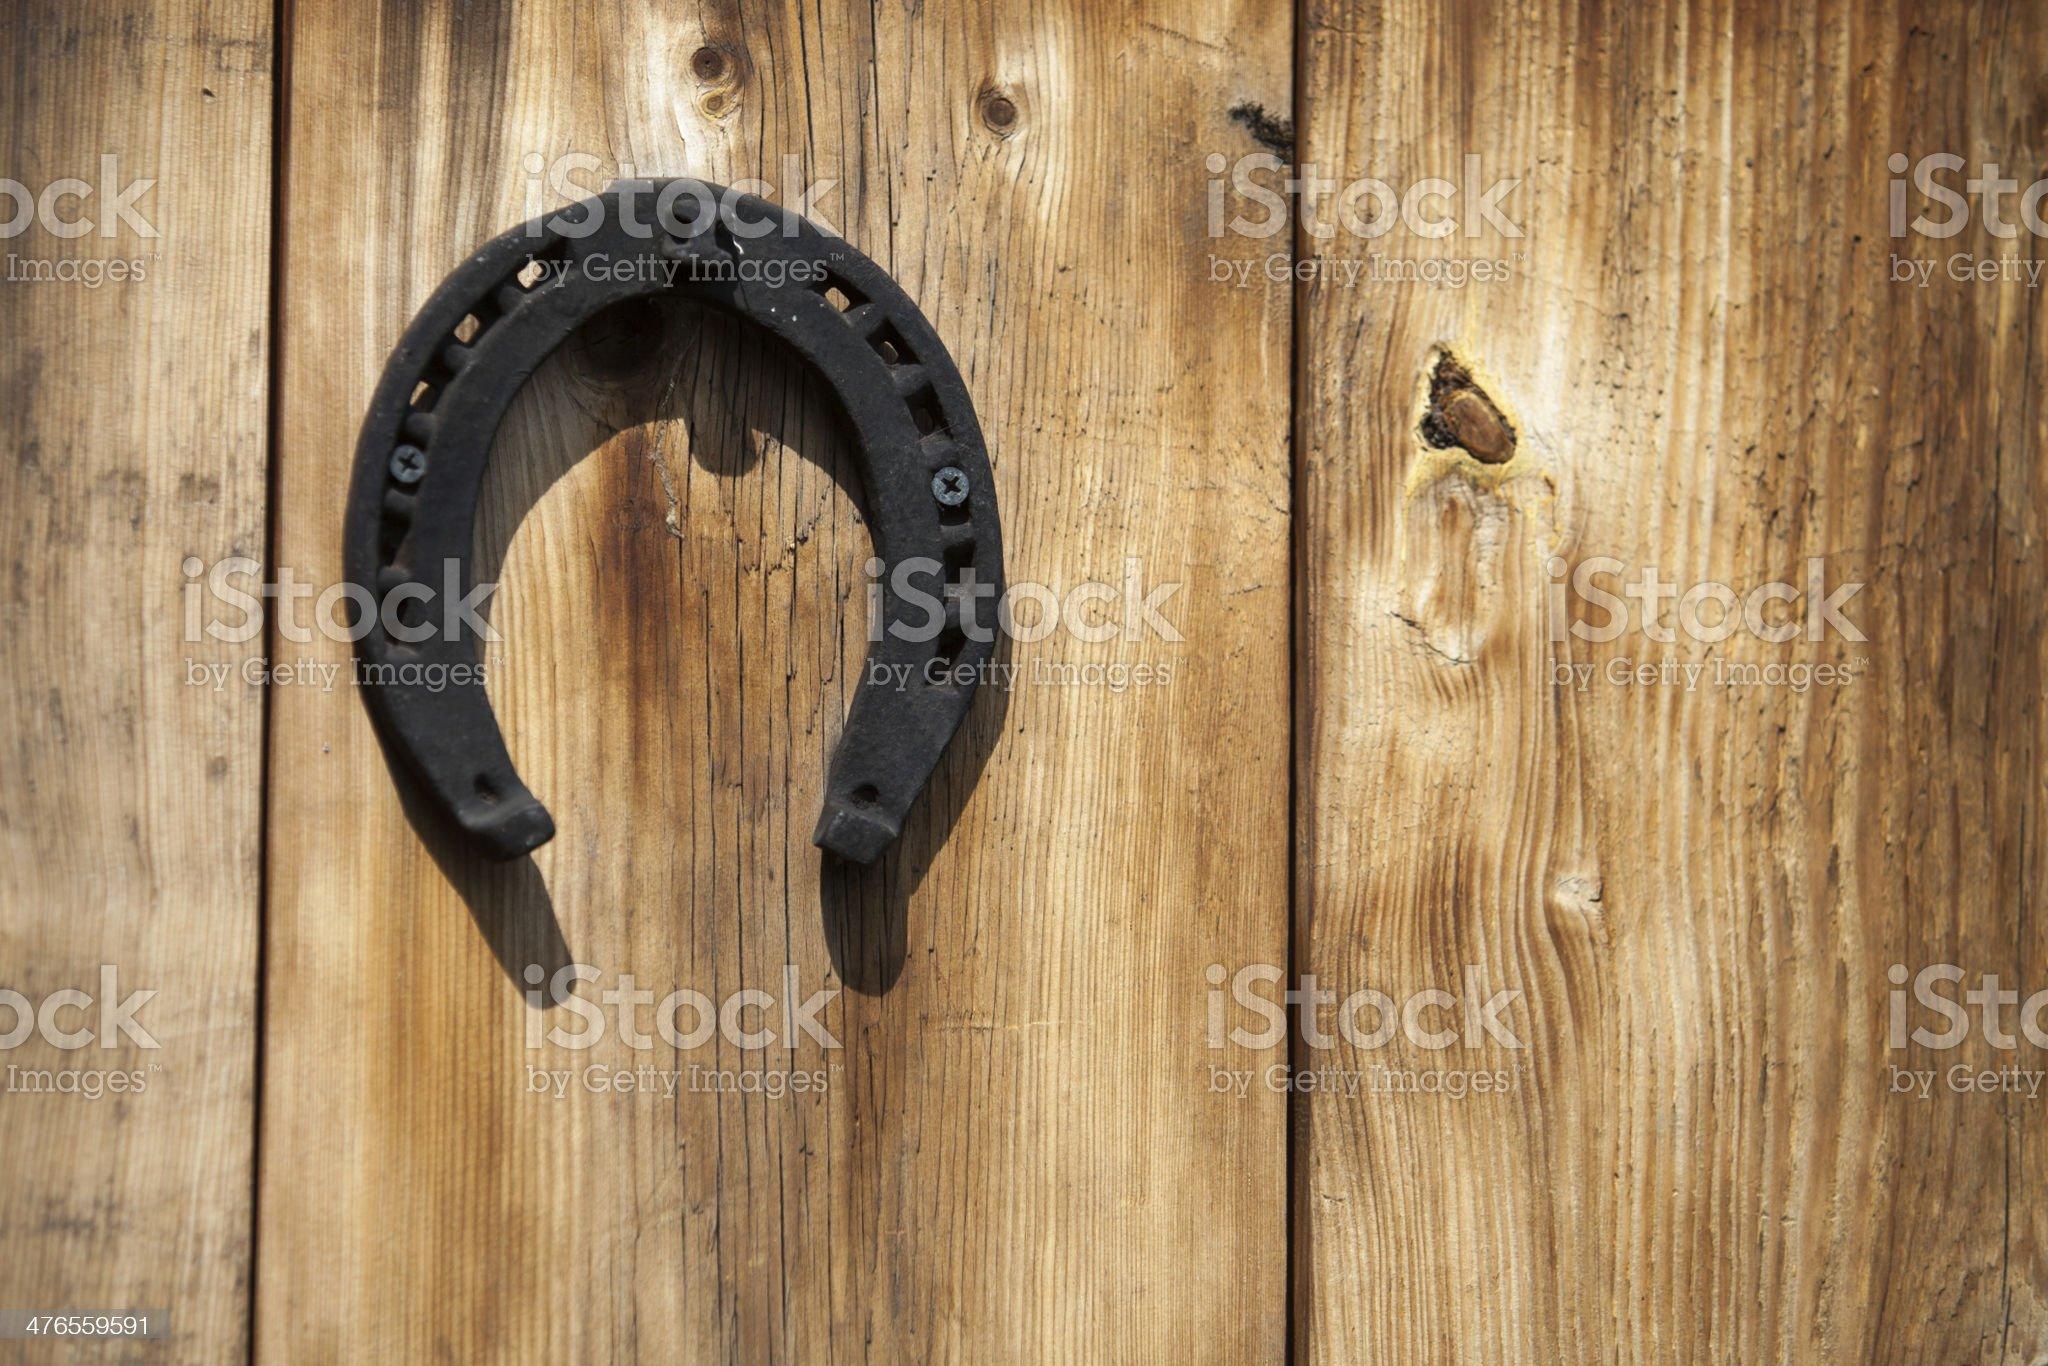 Old iron rusty metal horseshoe on wood background. royalty-free stock photo